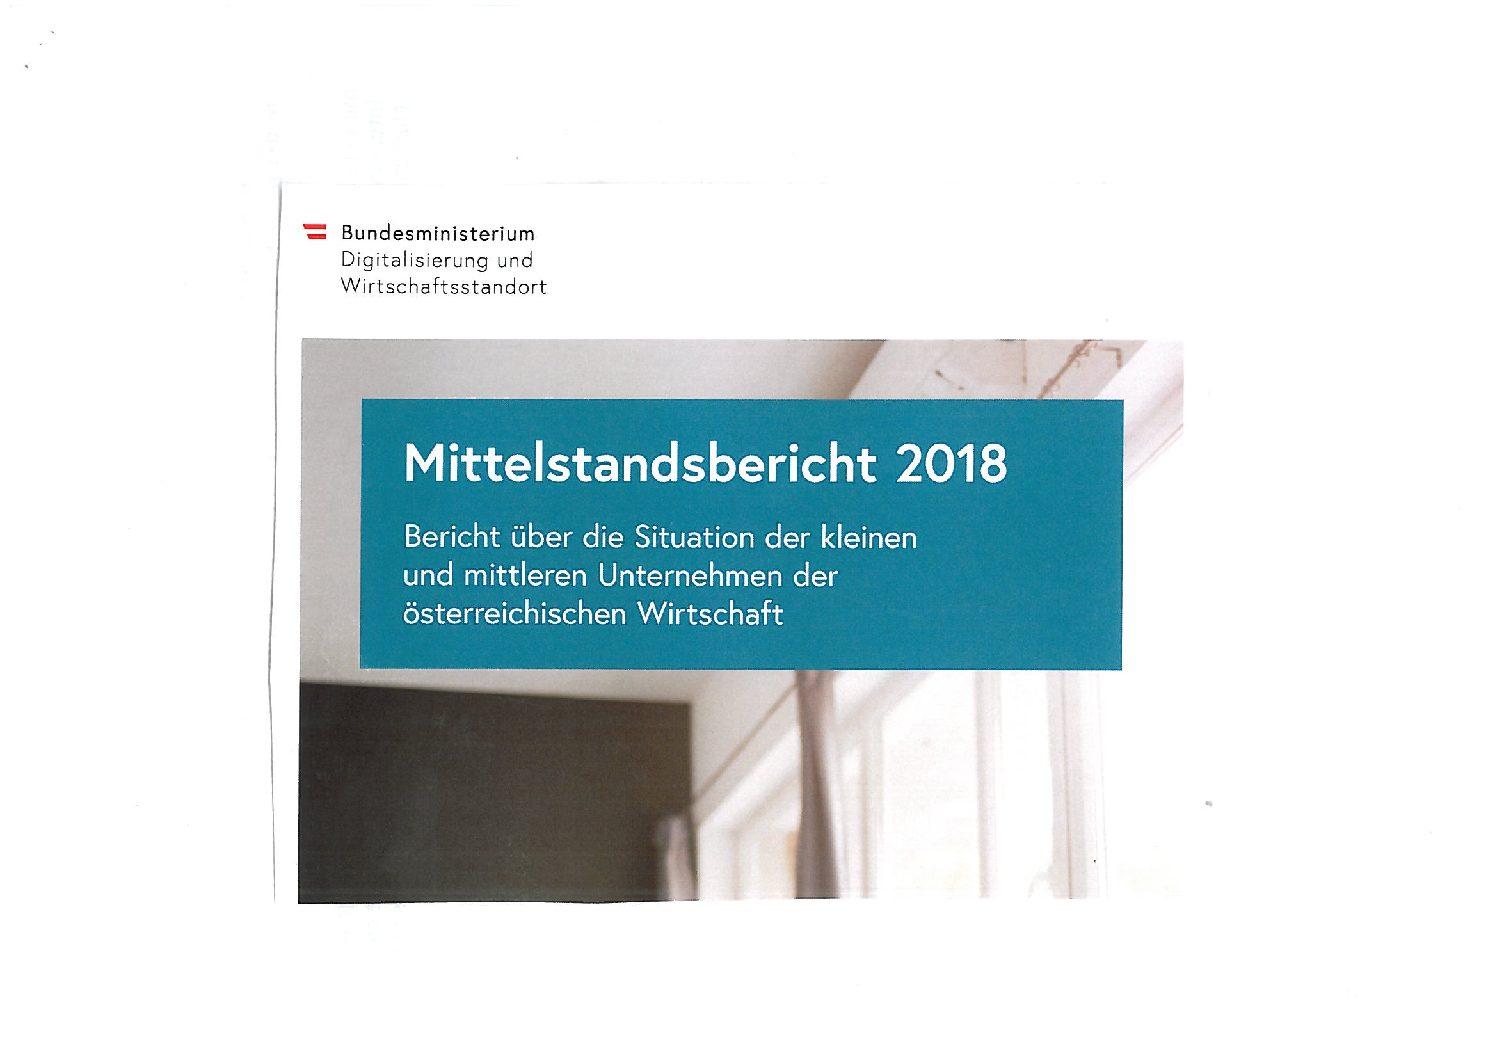 mittelstandsbericht_2018-ist-da